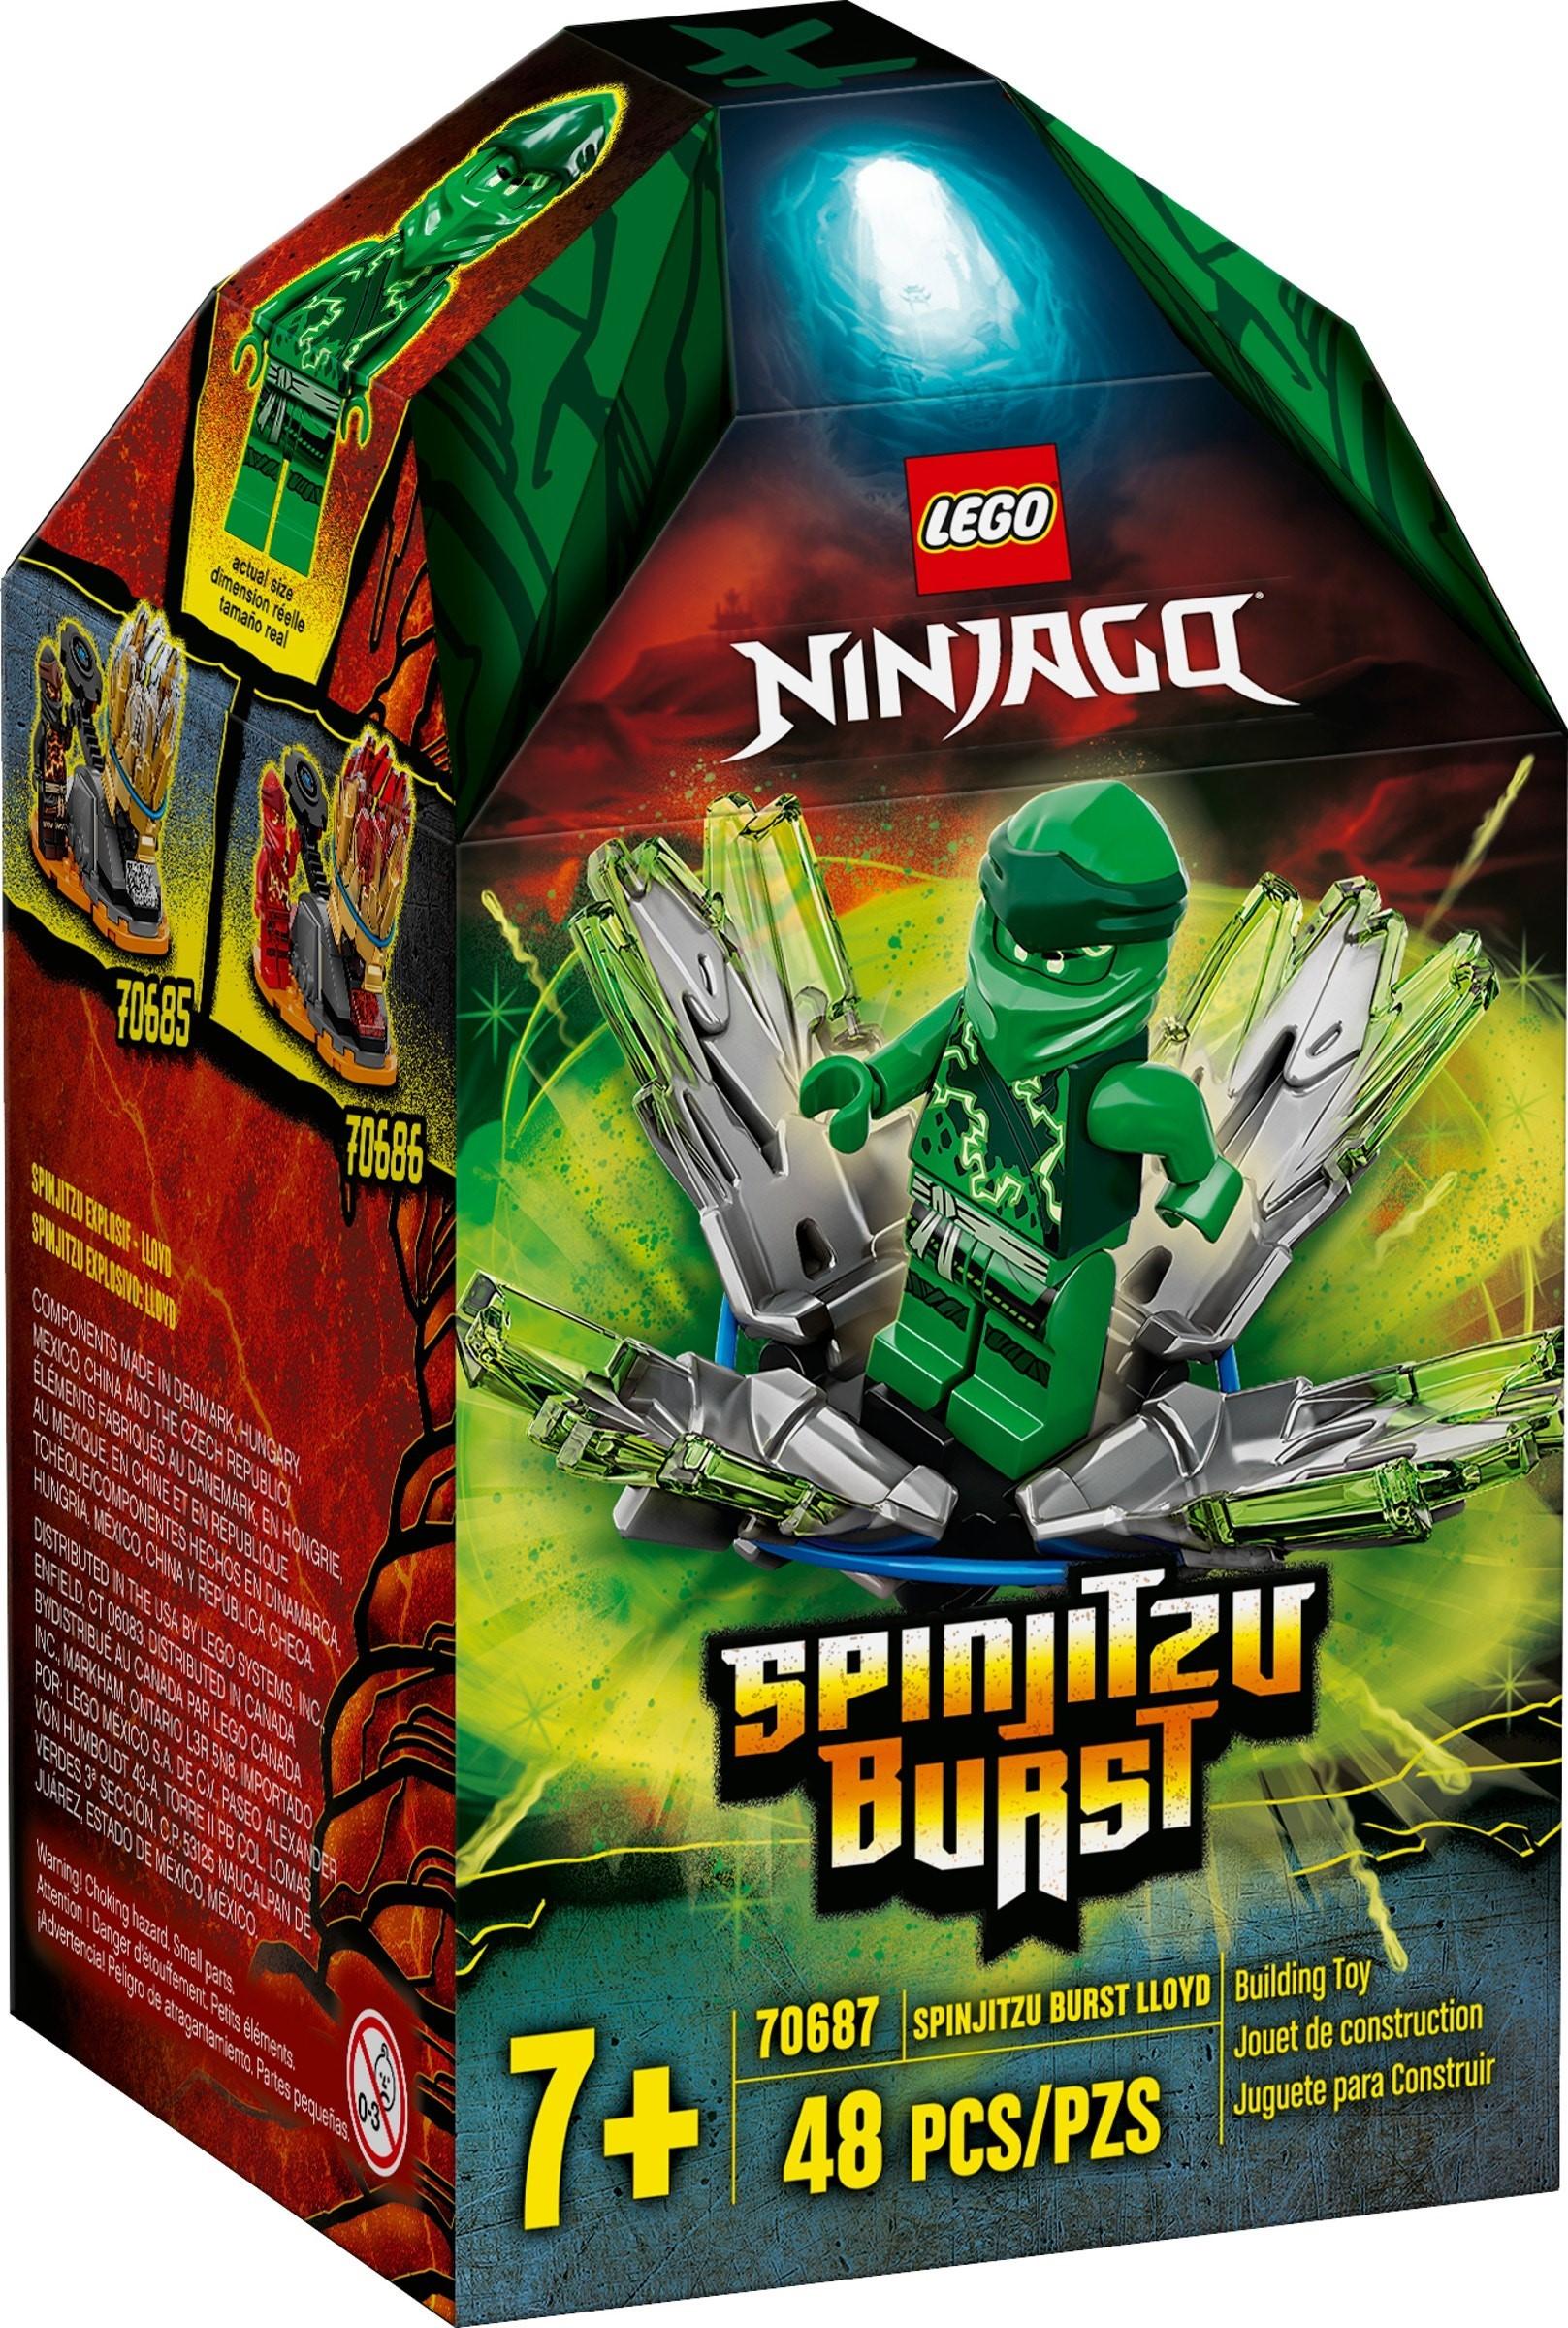 LEGO Ninjago - Spinjitzu Burst - Lloyd (70687)